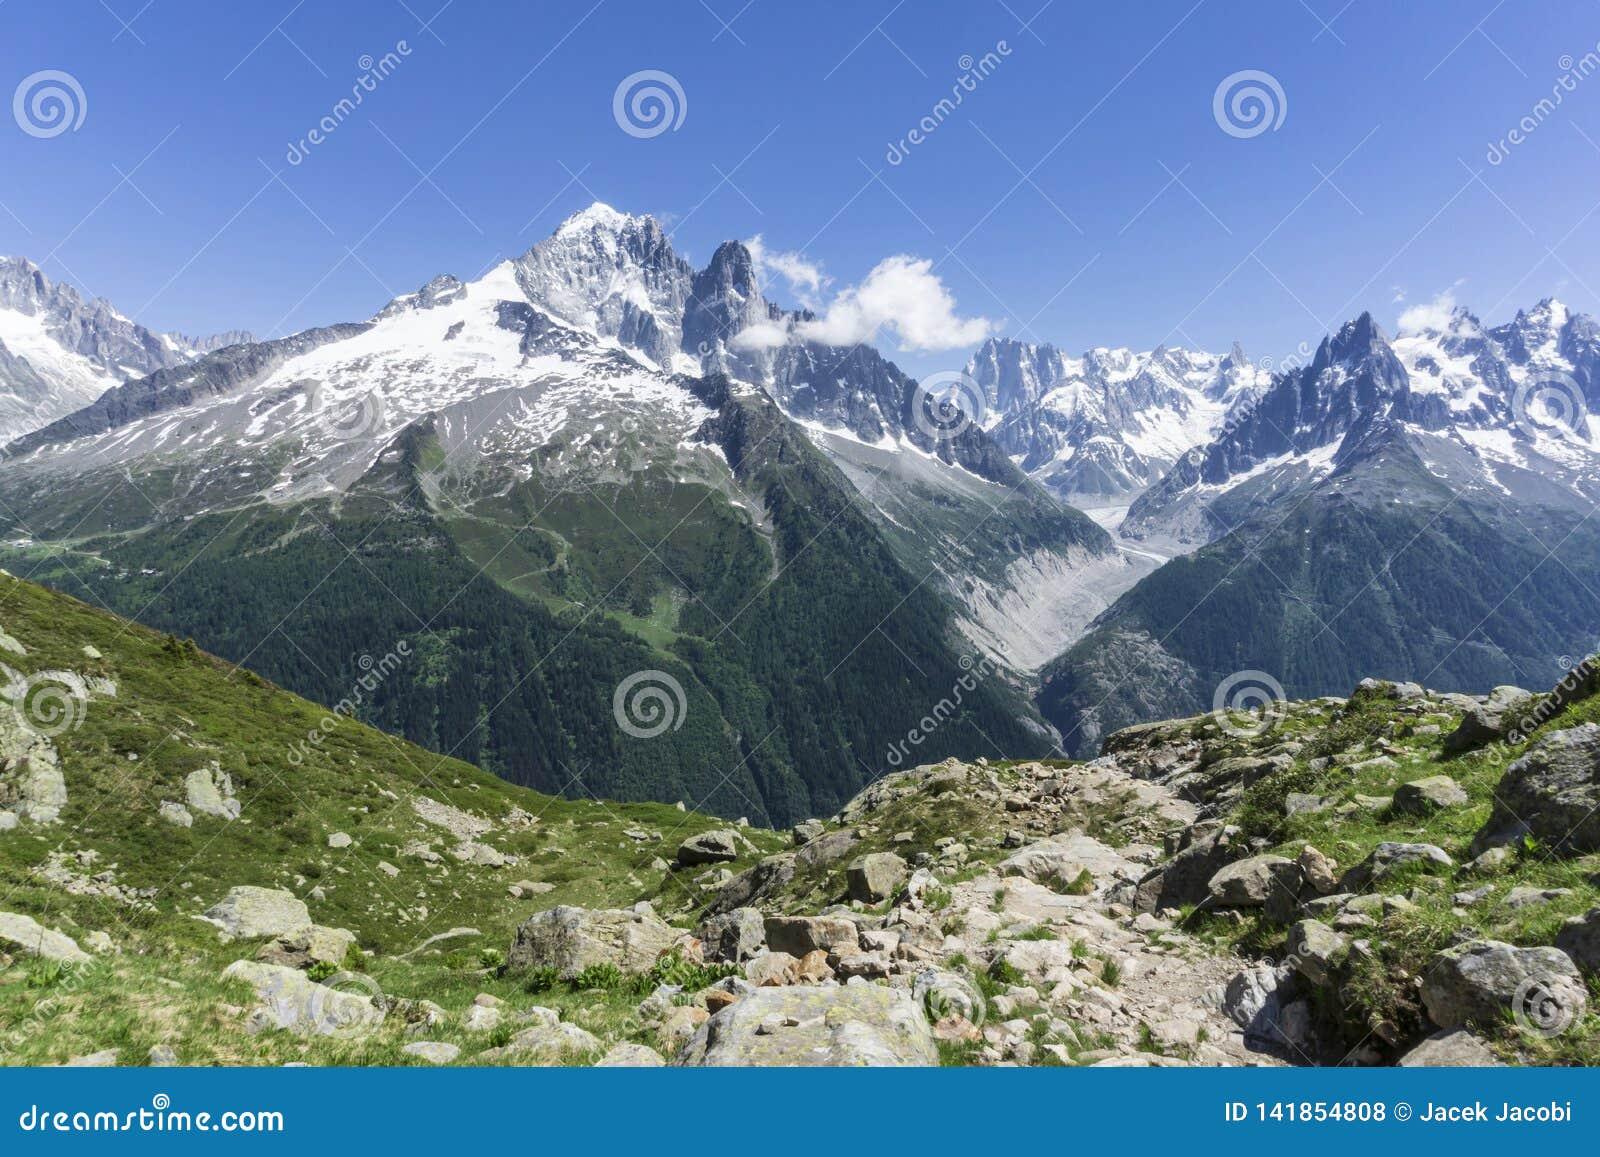 Los grandes picos del macizo de Mont Blanc montan@as